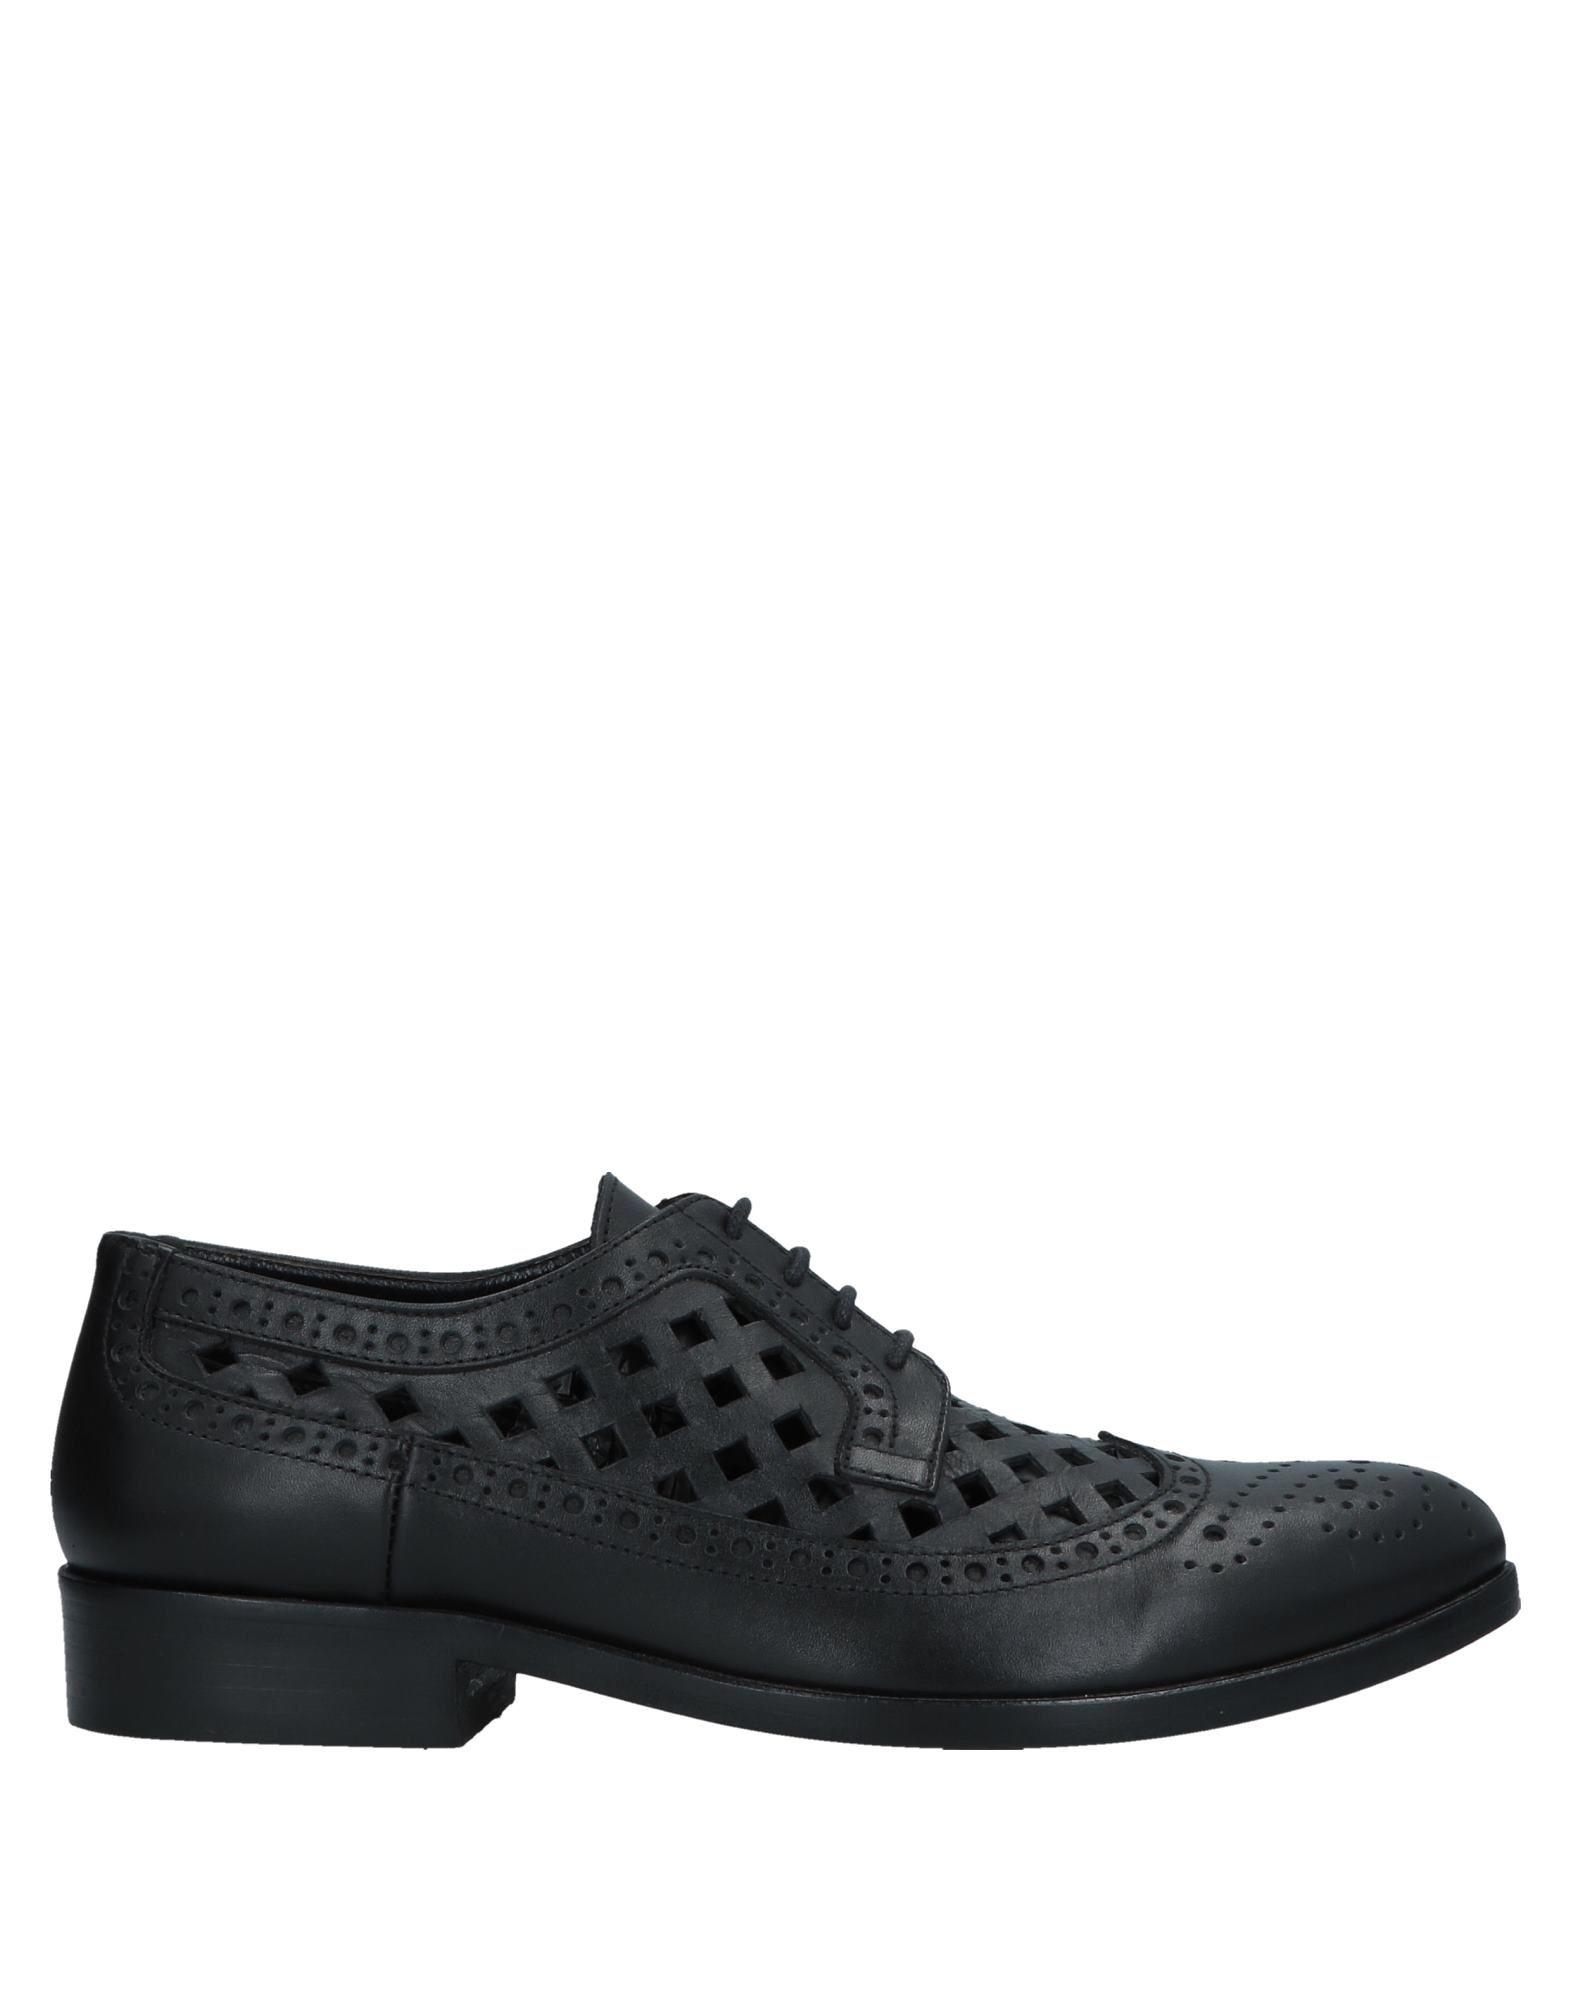 Фото - STRATEGIA Обувь на шнурках обувь на высокой платформе dkny